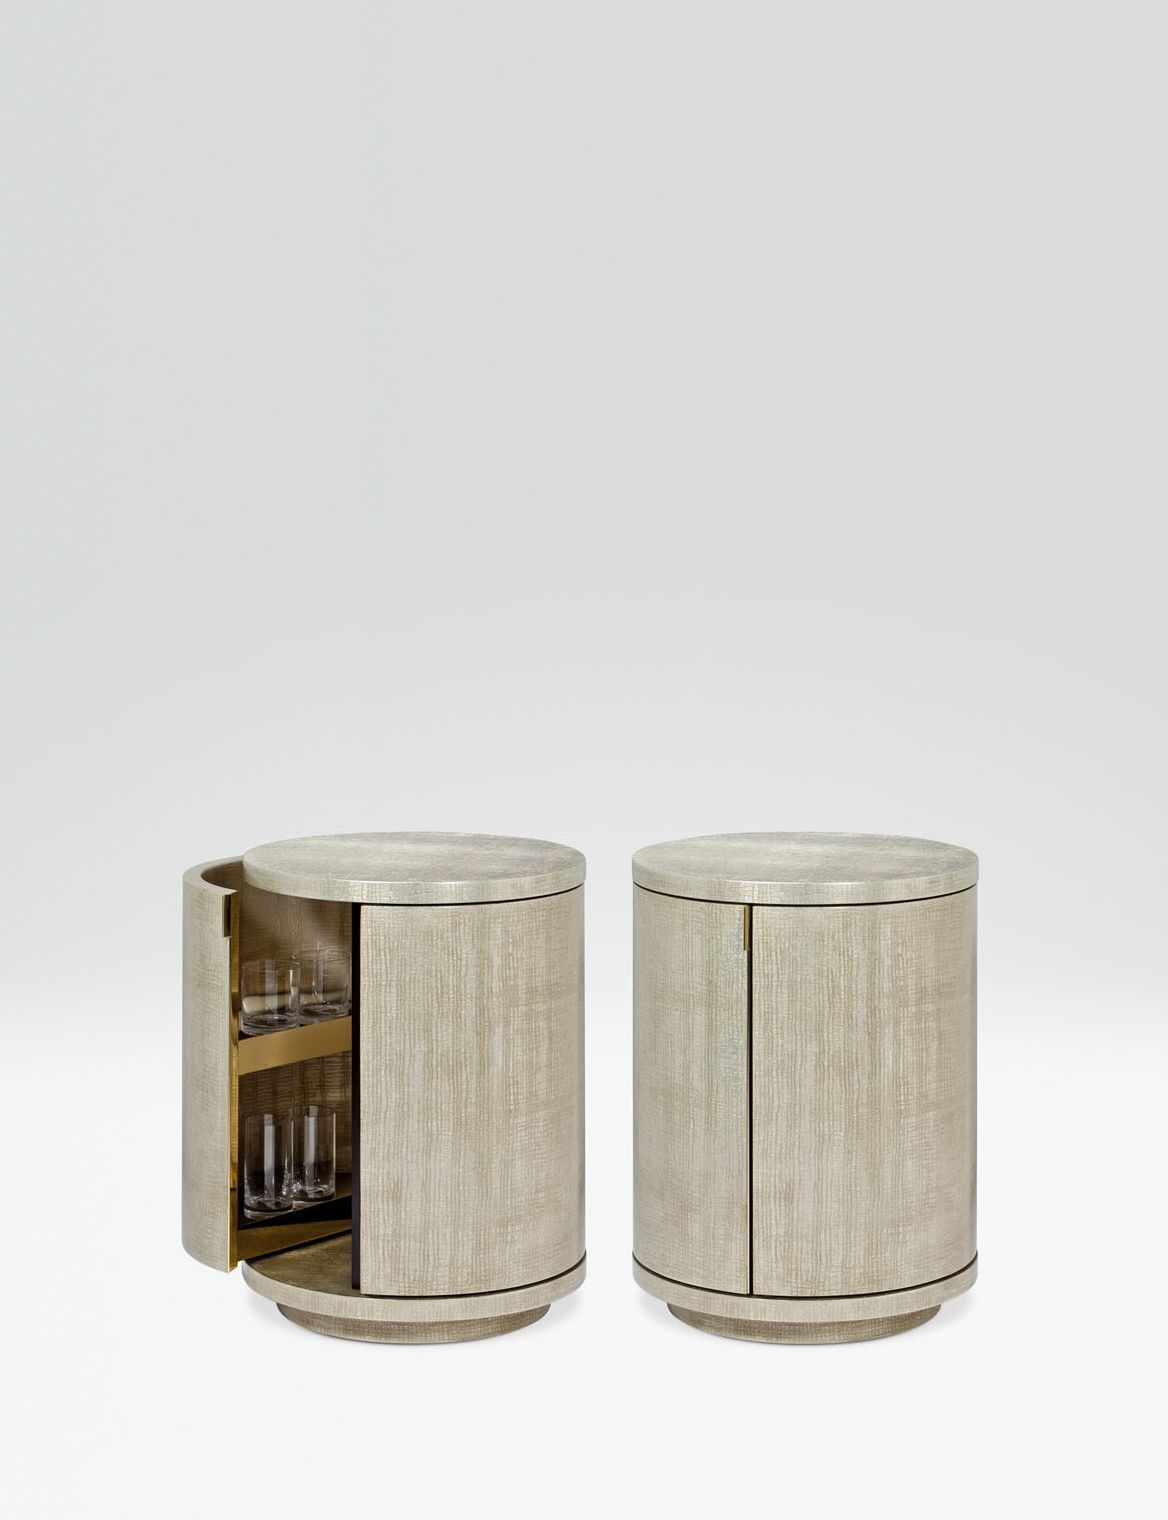 Cooper cabinet produced by Armani Casa | Collection - Armani Casa ...